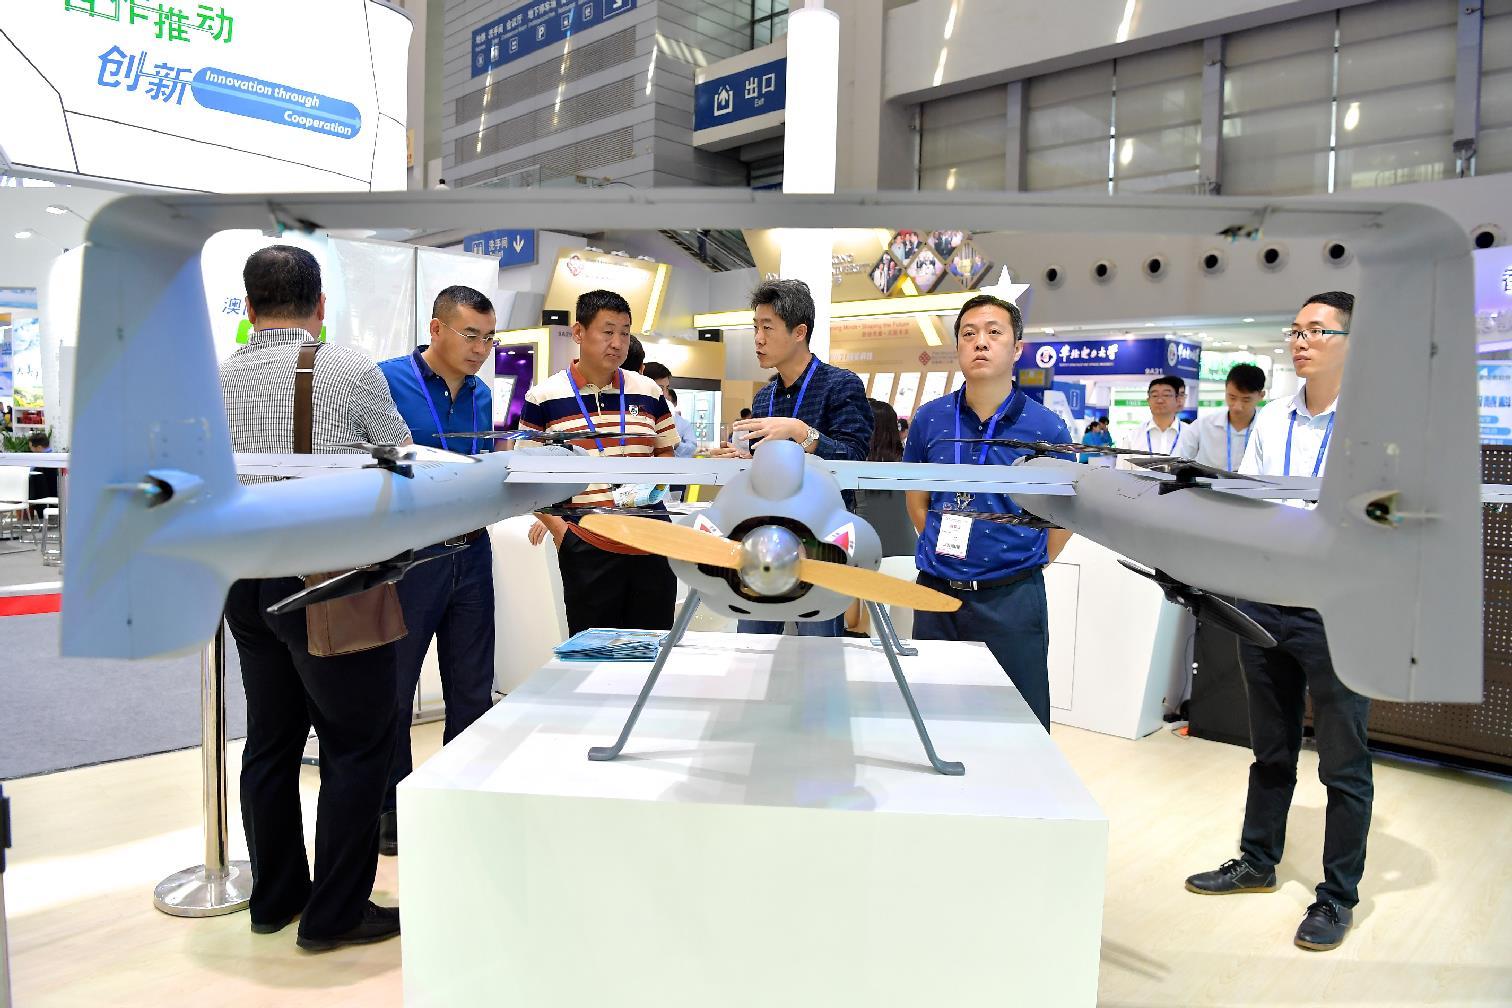 廈門漢飛鷹航空公司展示的海騎兵(SD—40)巡航時速約90-144公里的無人機